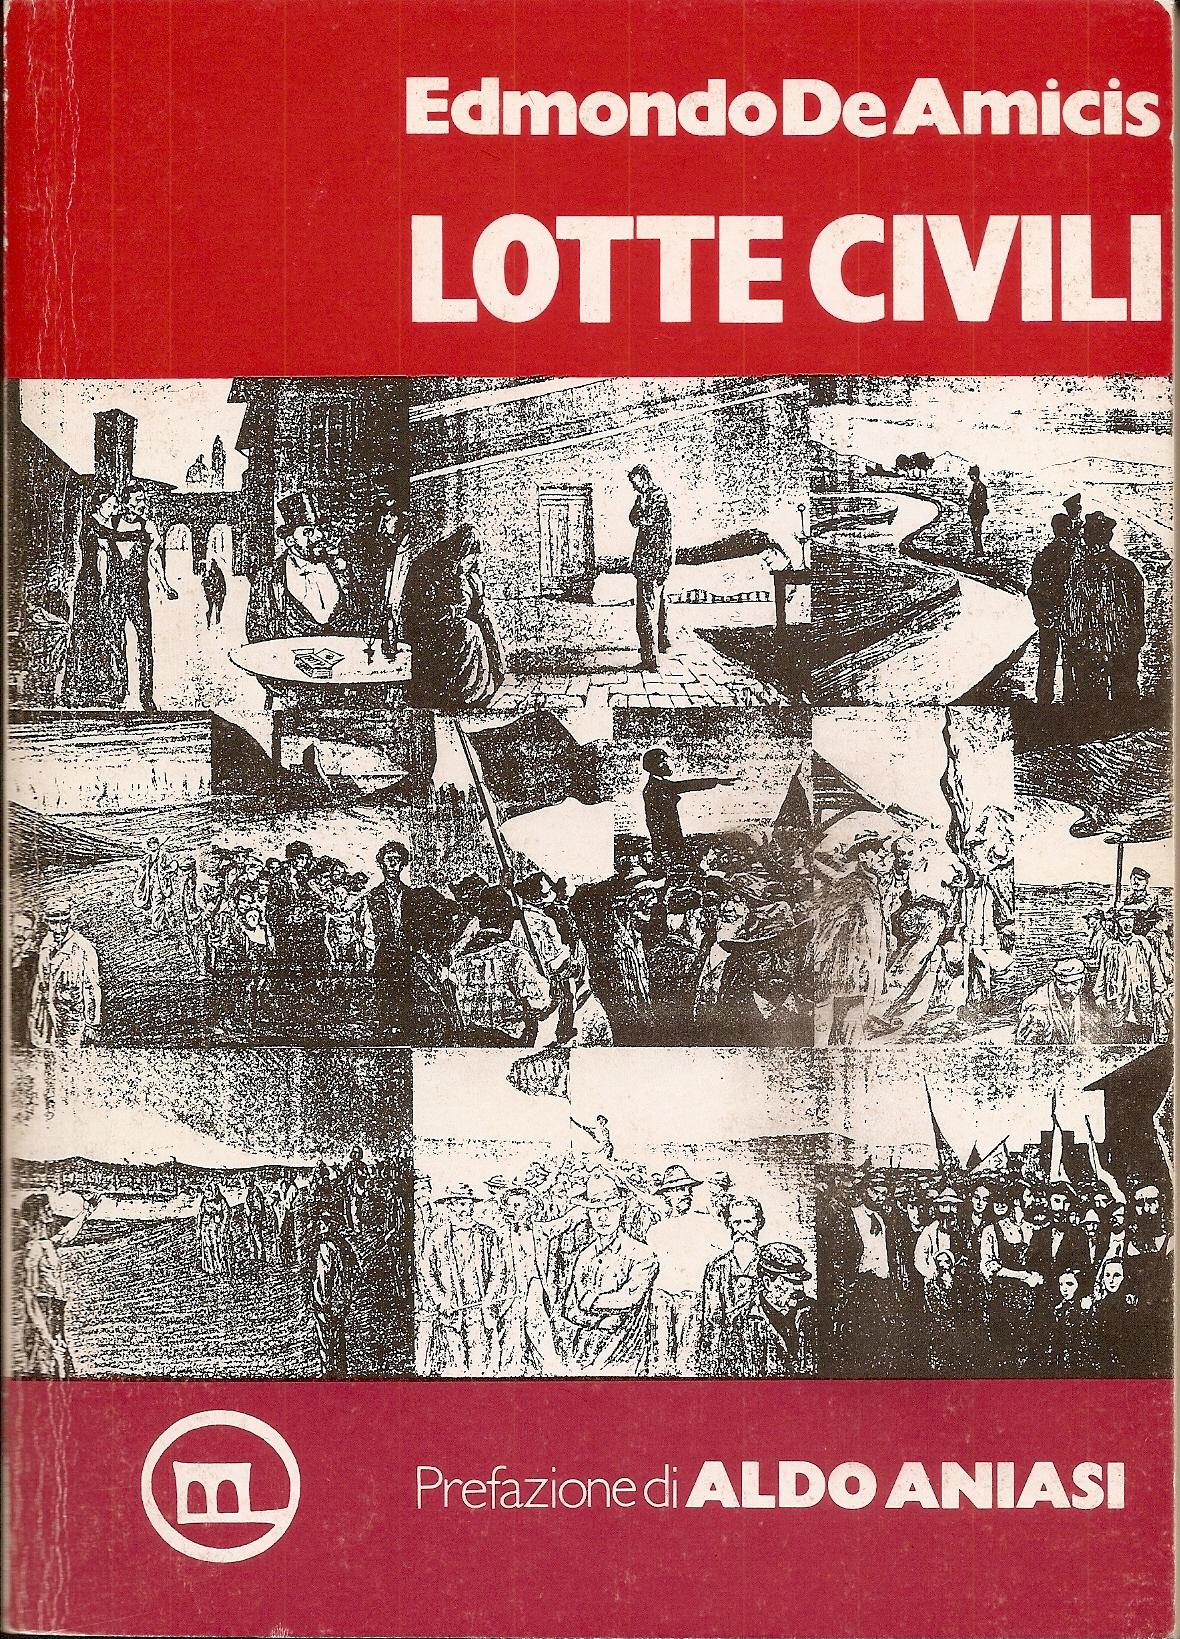 Lotte civili